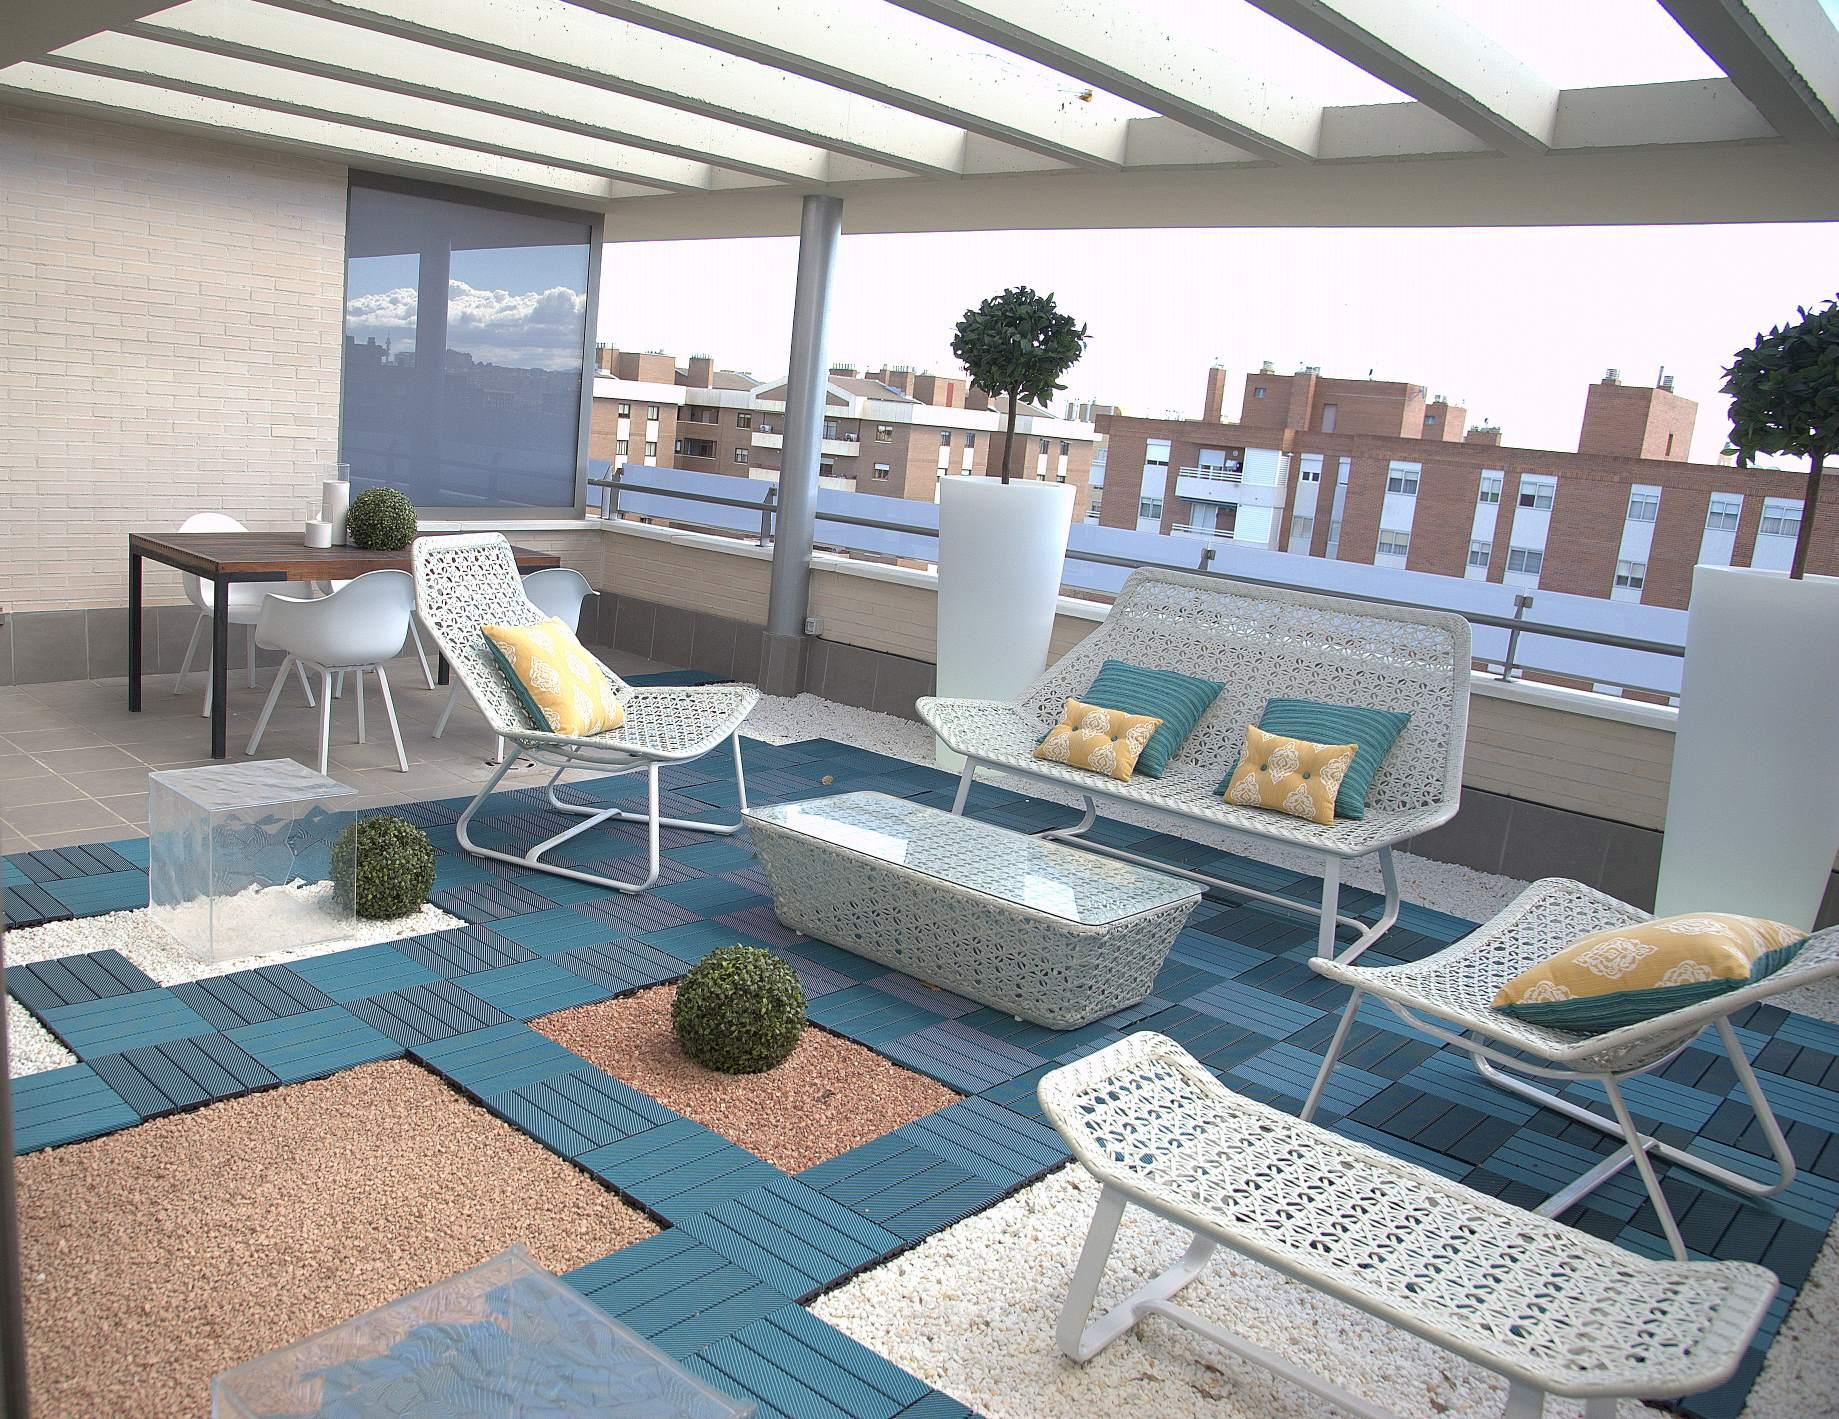 Maceteros iluminados un juego de luces en la terraza for Como hacer un jardin en una terraza